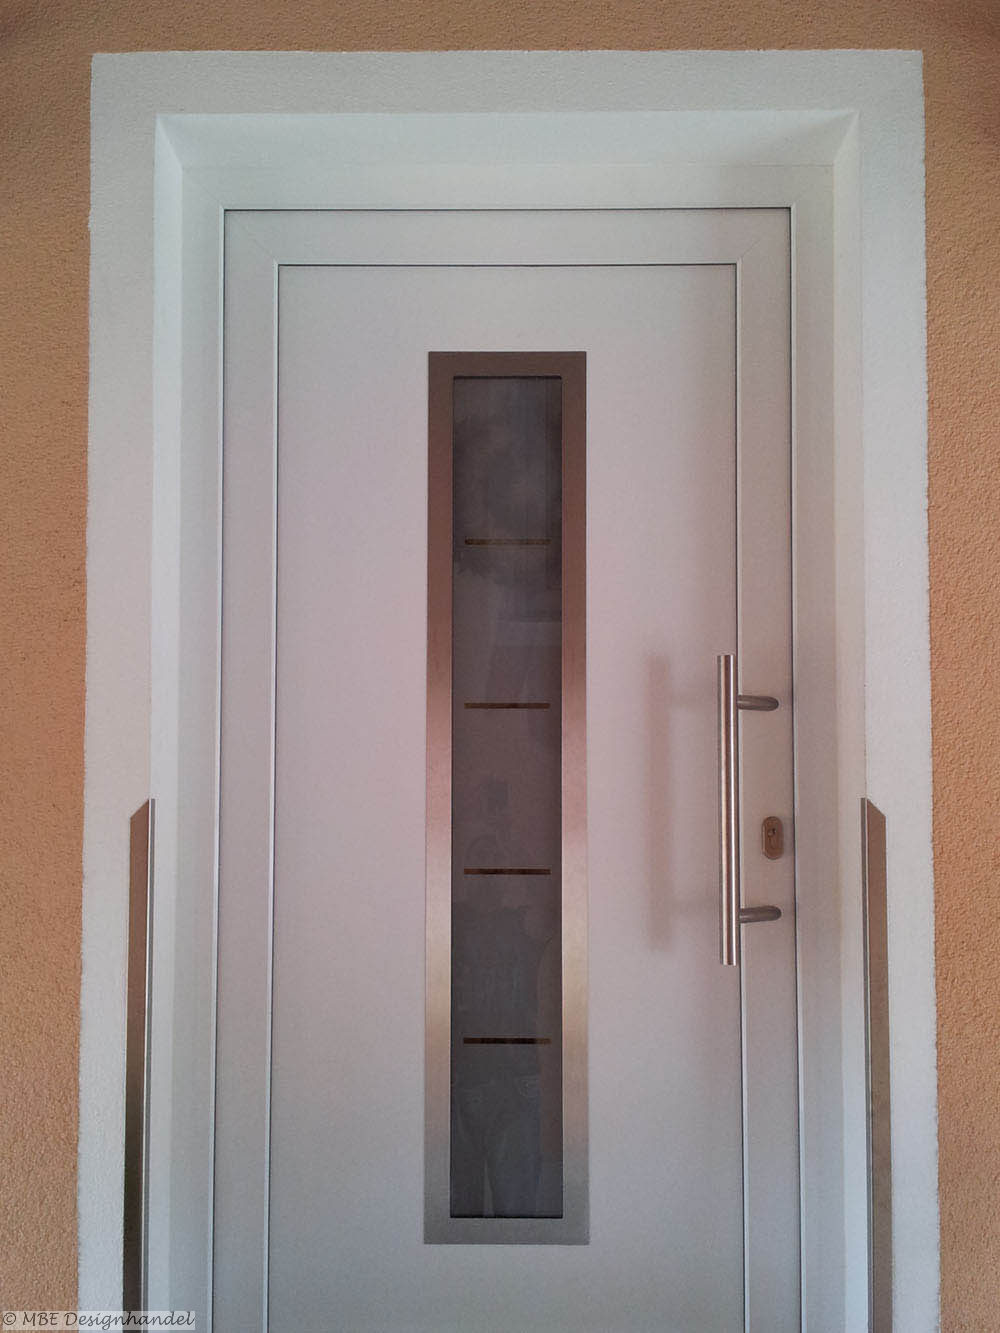 edelstahl kantenschutz mit halbspitze rechts 30 x 30 x 1000 mm. Black Bedroom Furniture Sets. Home Design Ideas